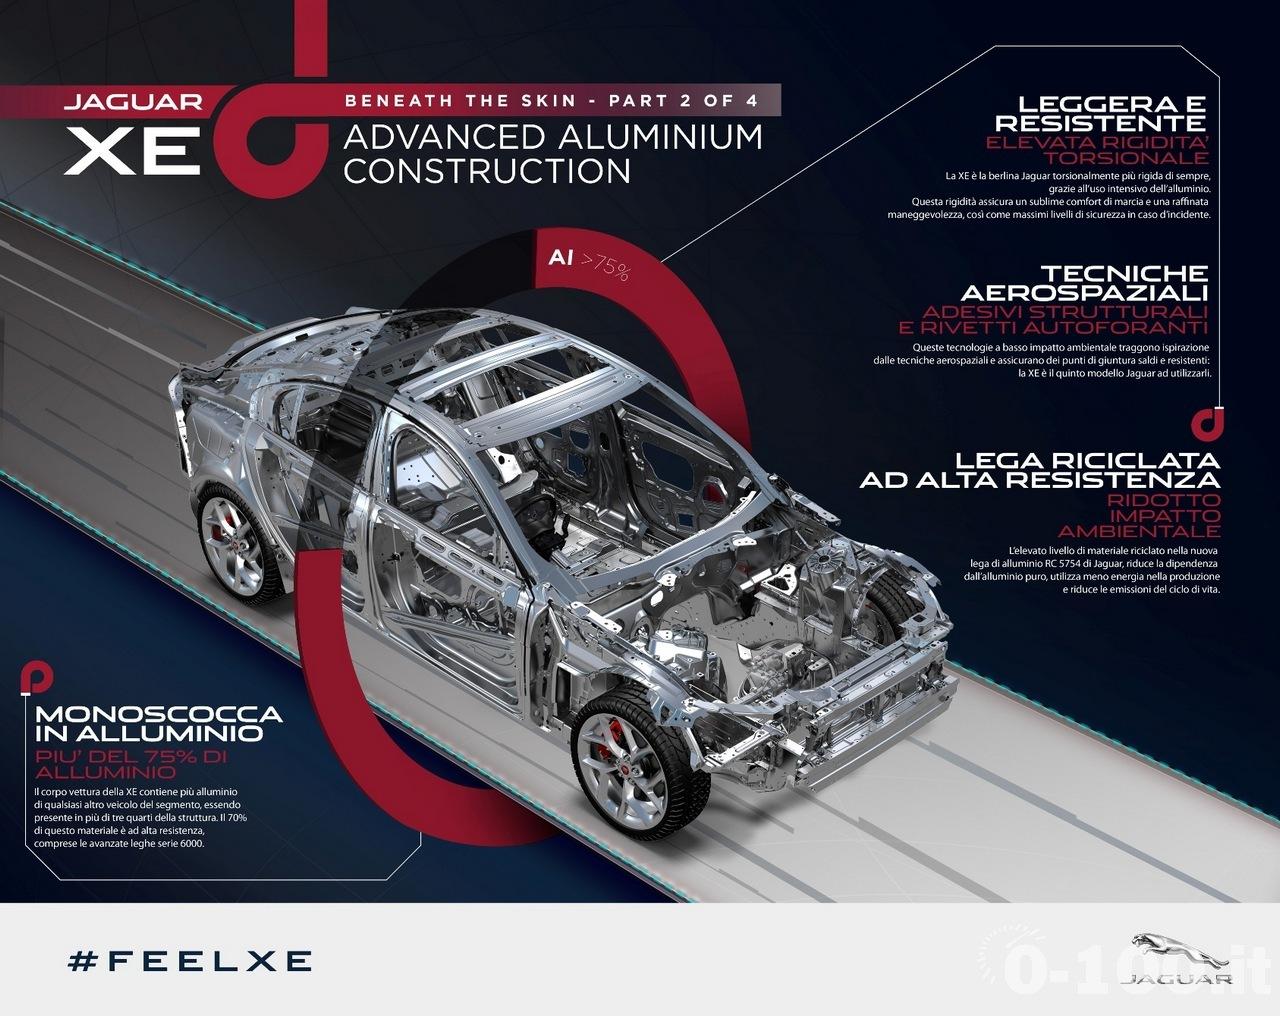 jaguar-xe-2015-rc5754-alluminio-riciclato-0-100_2